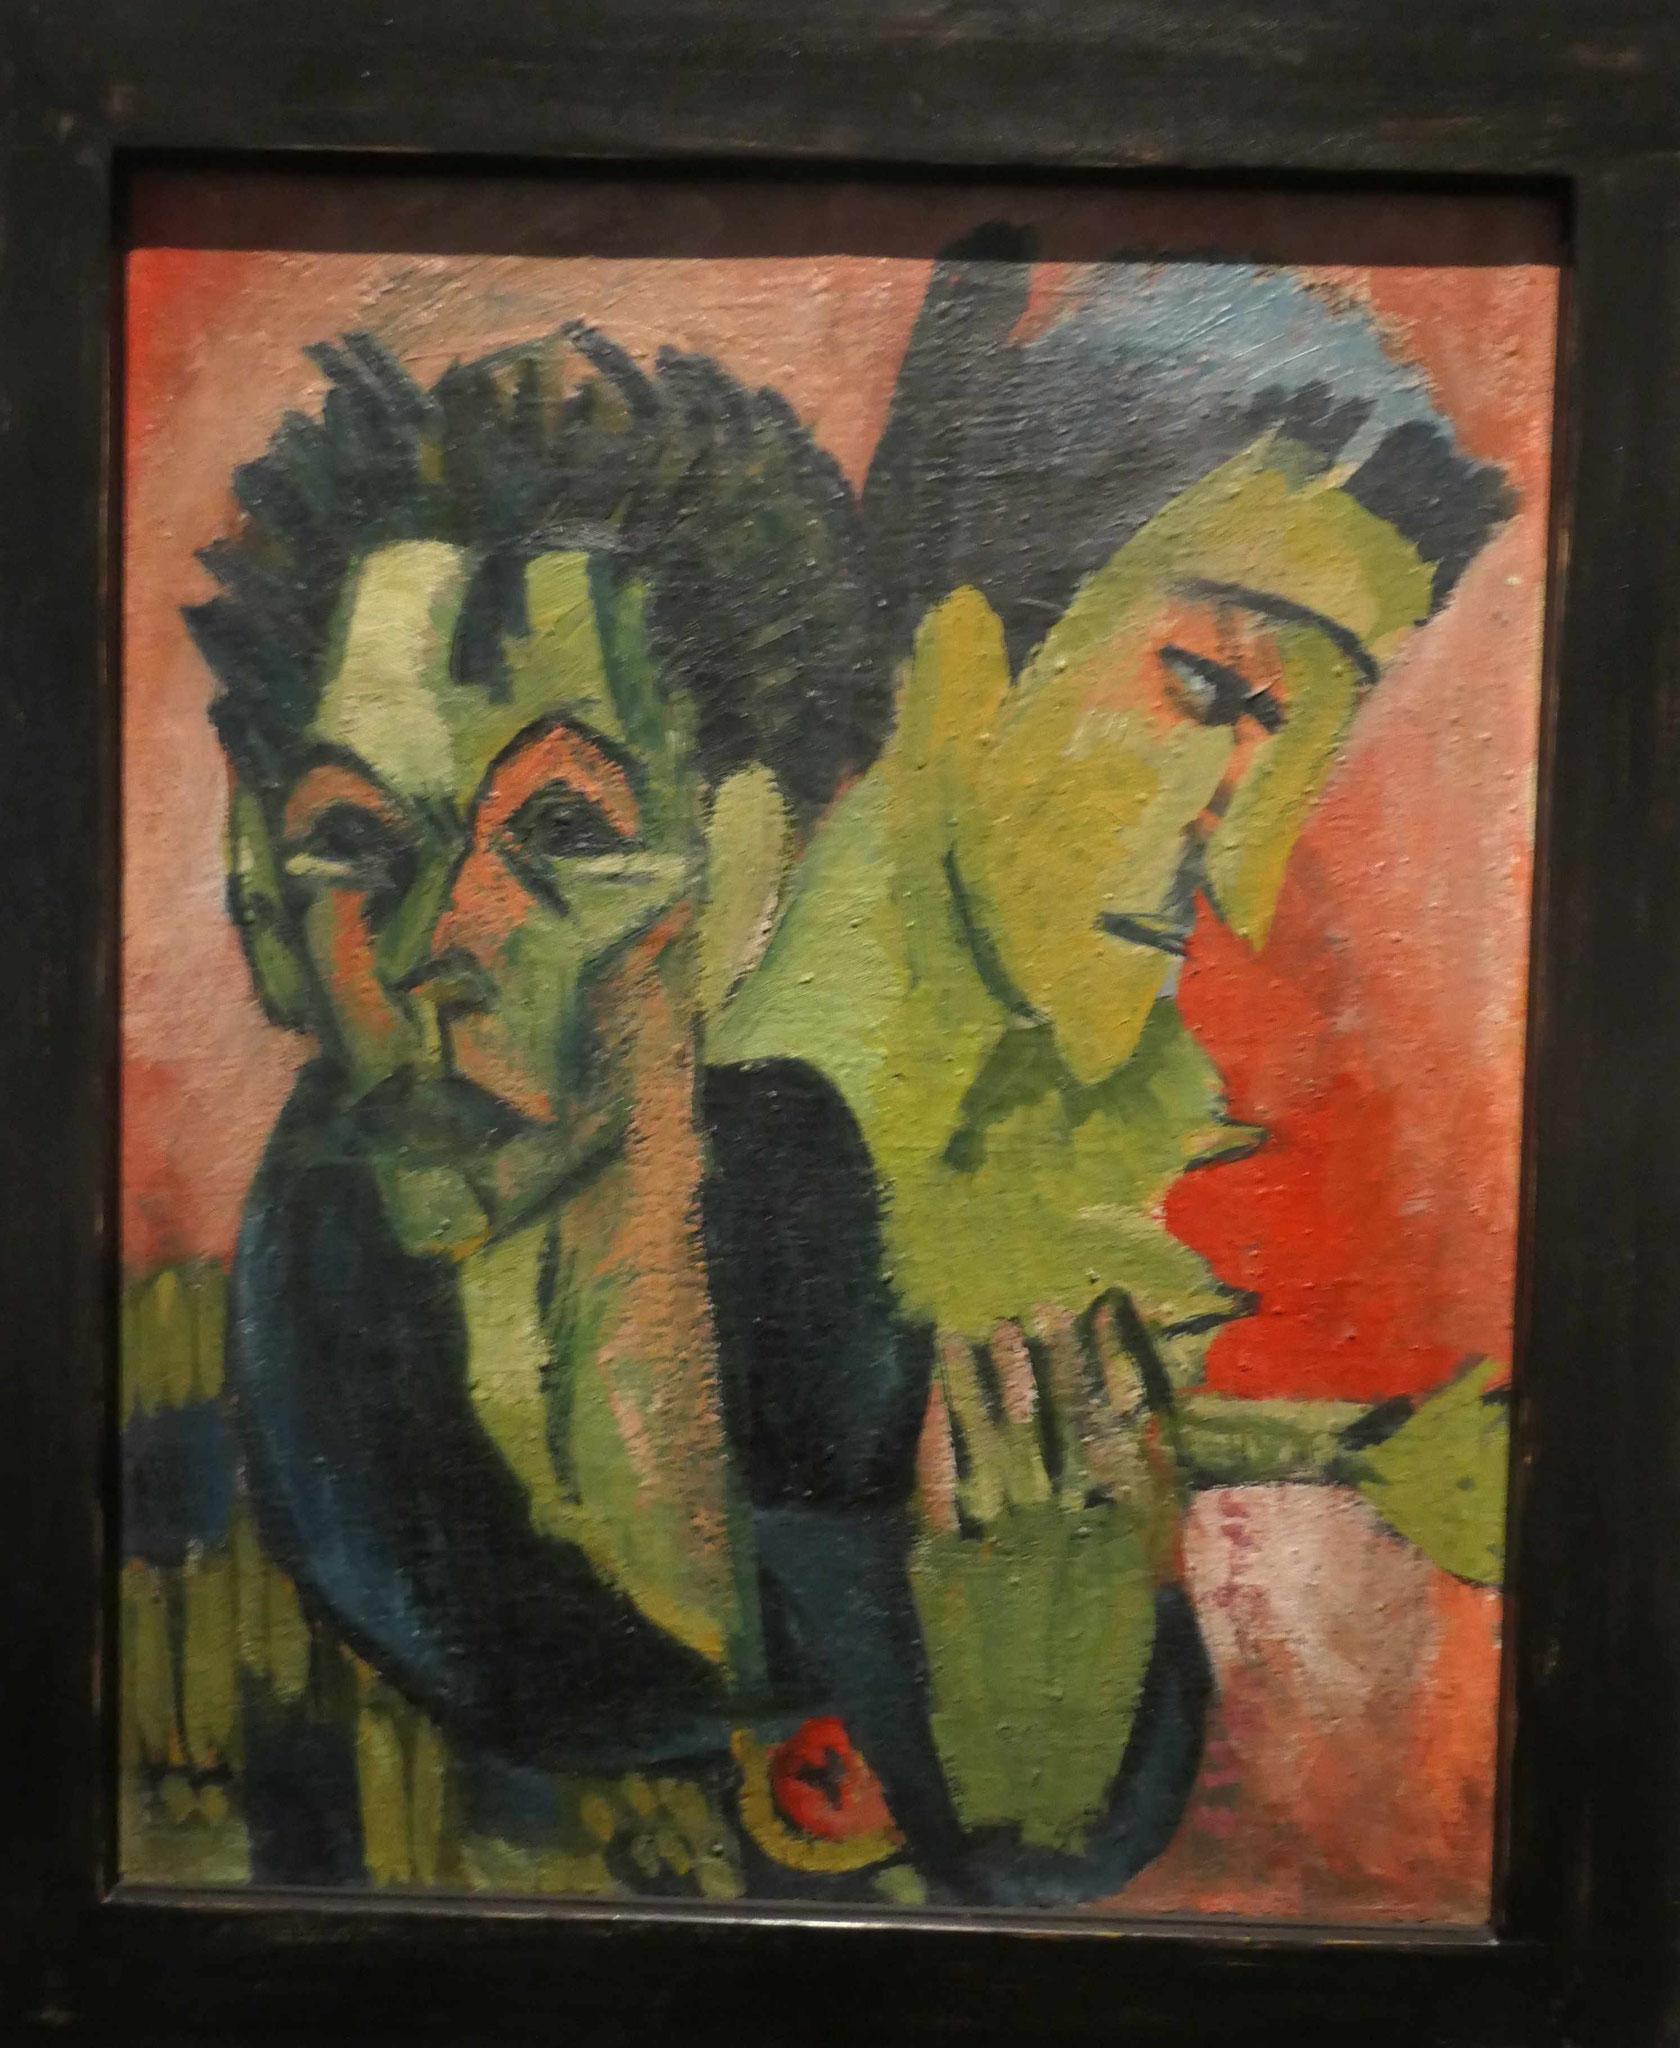 Ernst Ludwig Kirchner, Selbstbildnis mit Mäadchen, 1914/15, Neue Nationalgalerie Berlin